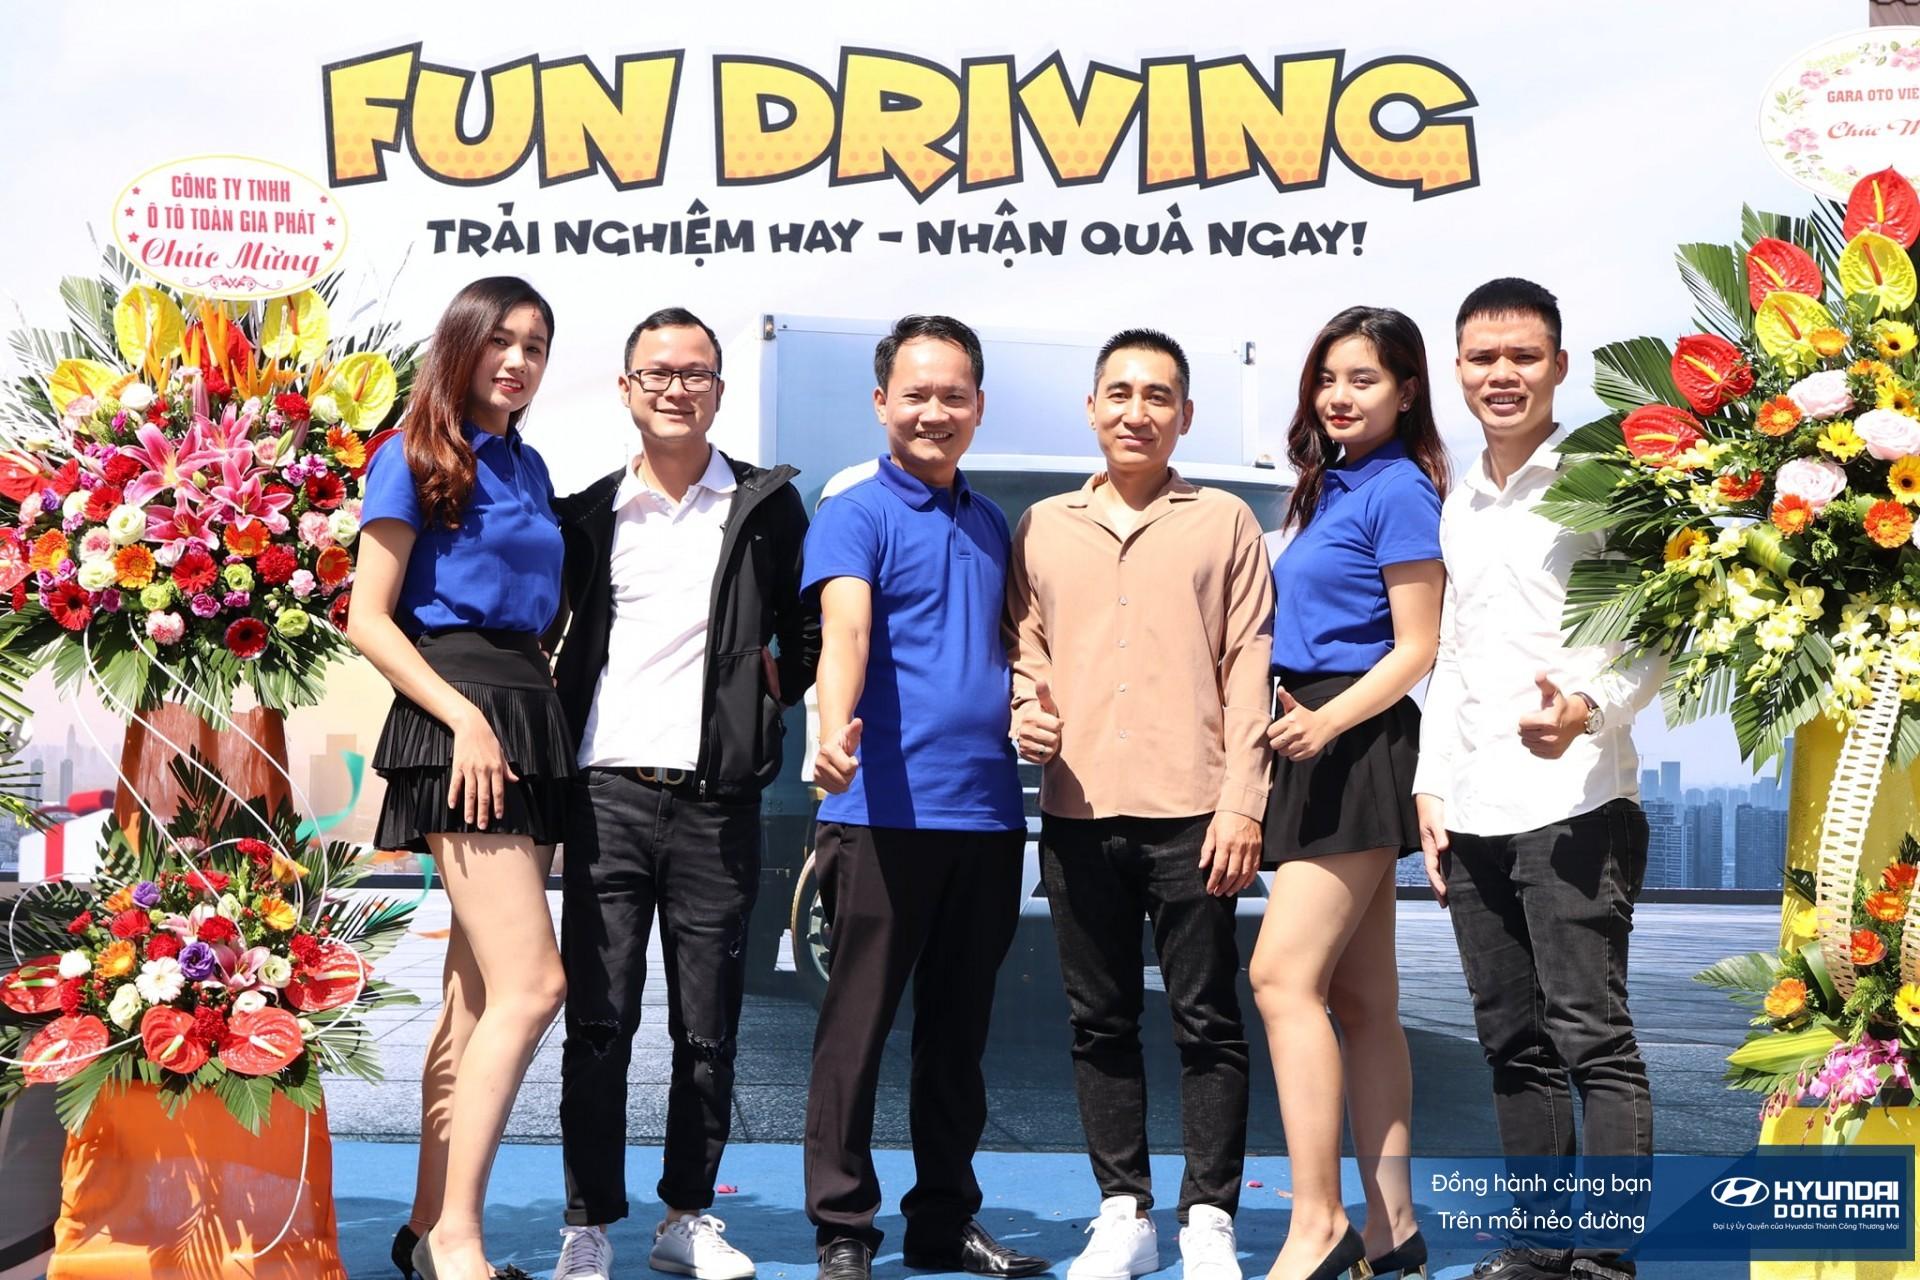 Hình ảnh Hyundai Đông Nam tri ân khách hàng